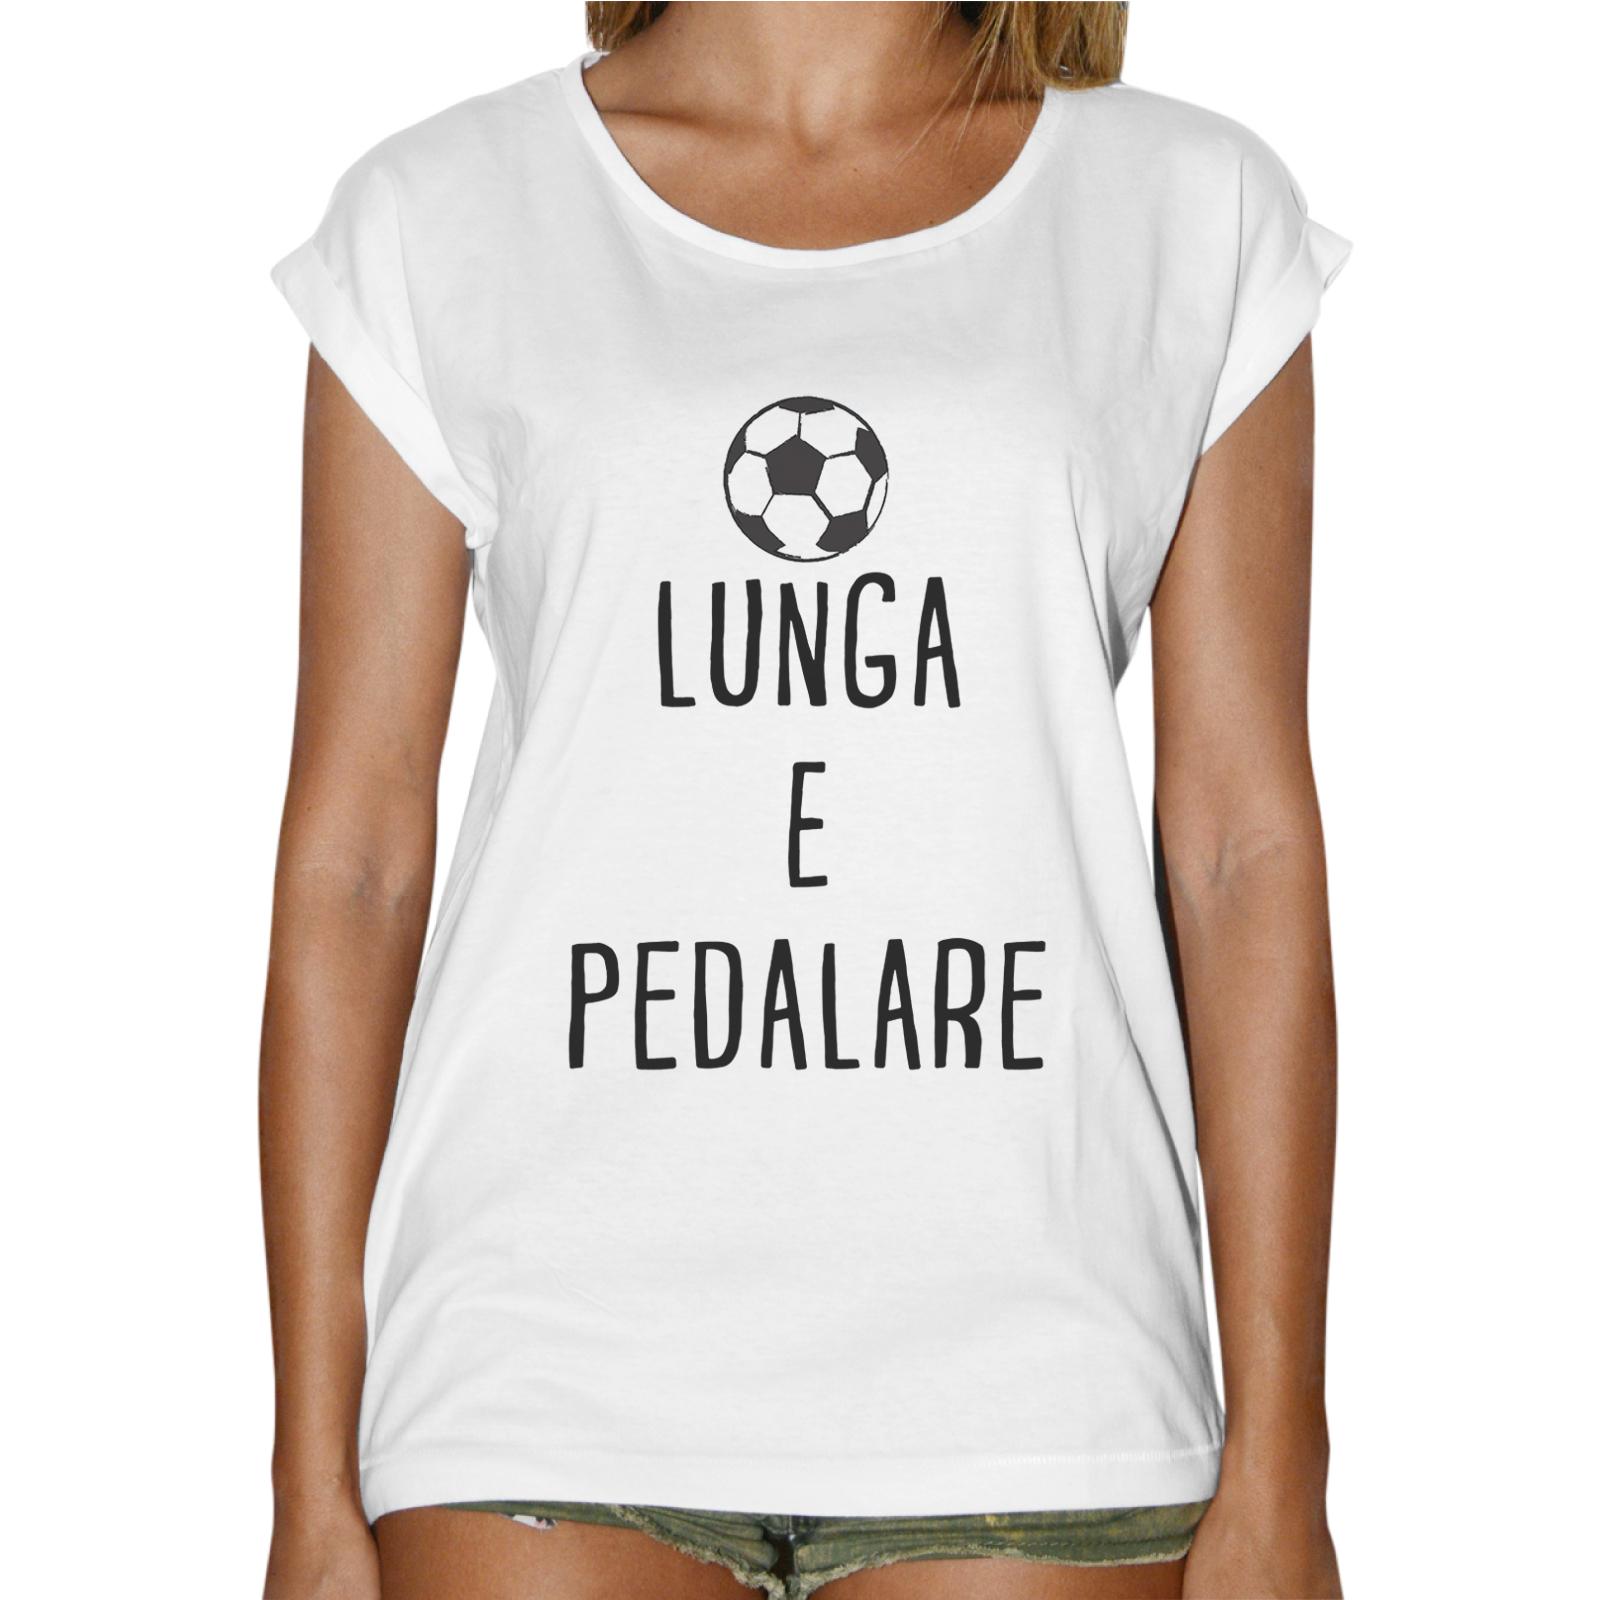 T-Shirt Donna Fashion PALLA LUNGA E PEDALARE